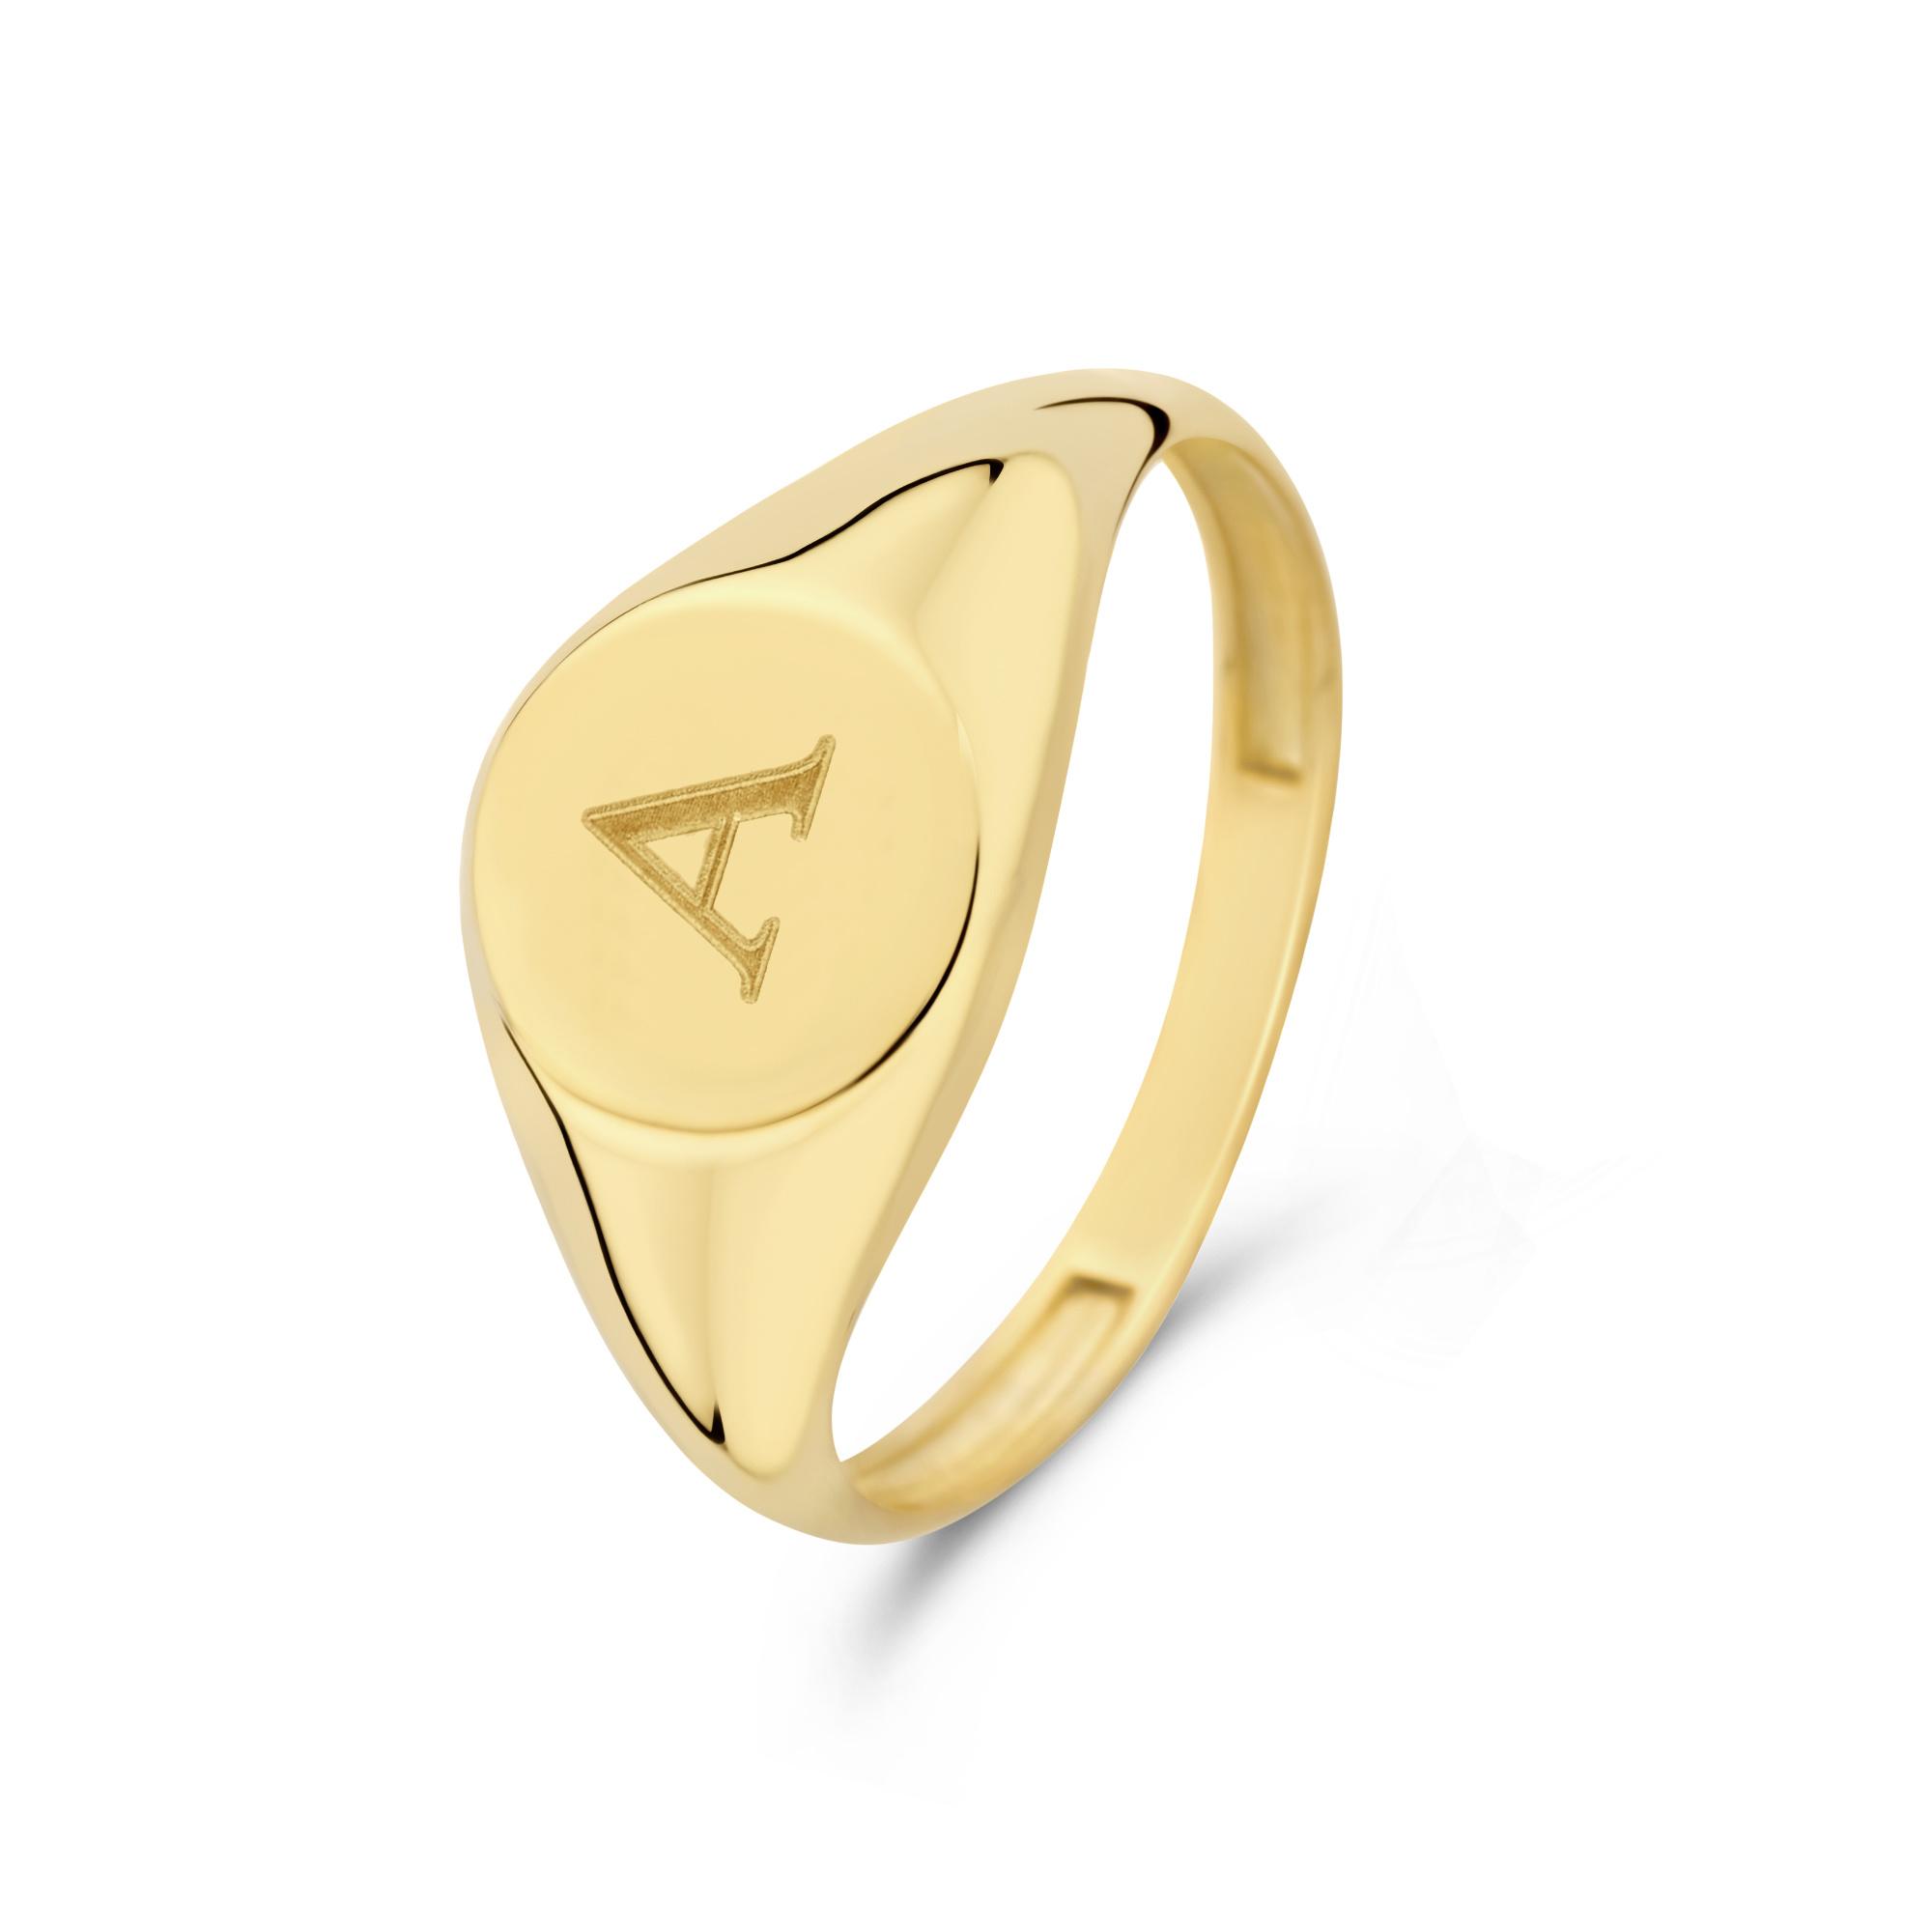 Isabel Bernard Le Marais Lauren 14 karat guld initial signet ring (58)